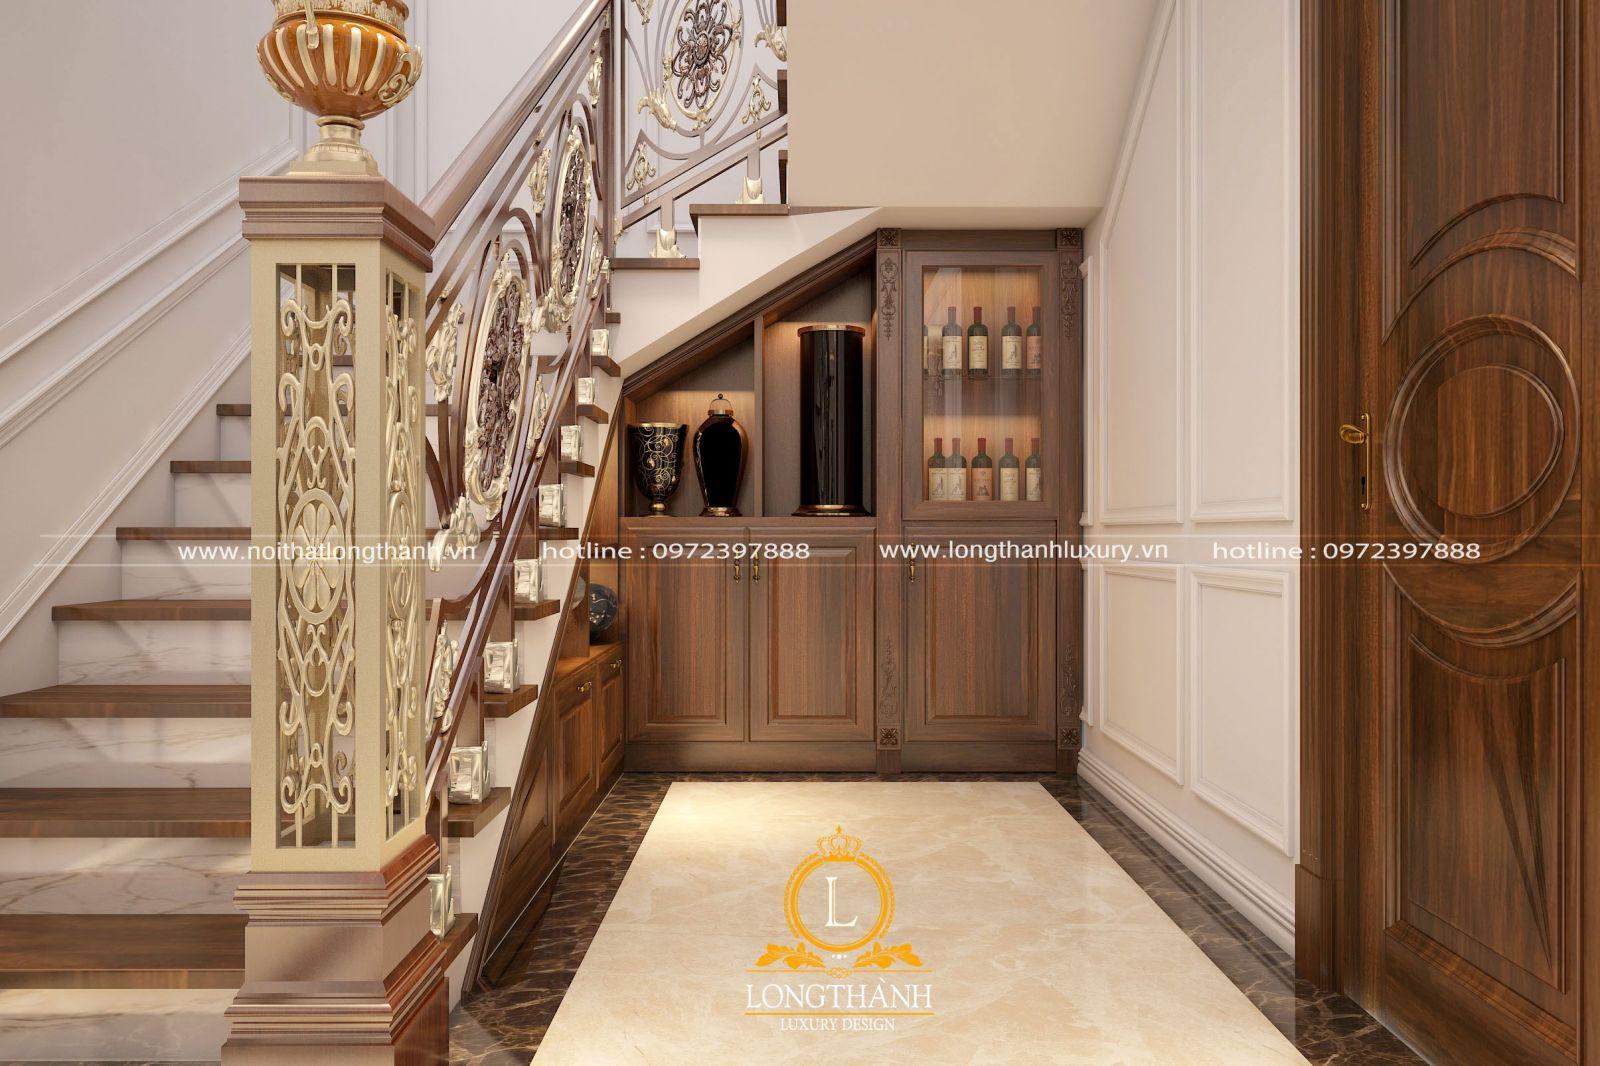 Tủ rượu kết hợp diện cầu thang